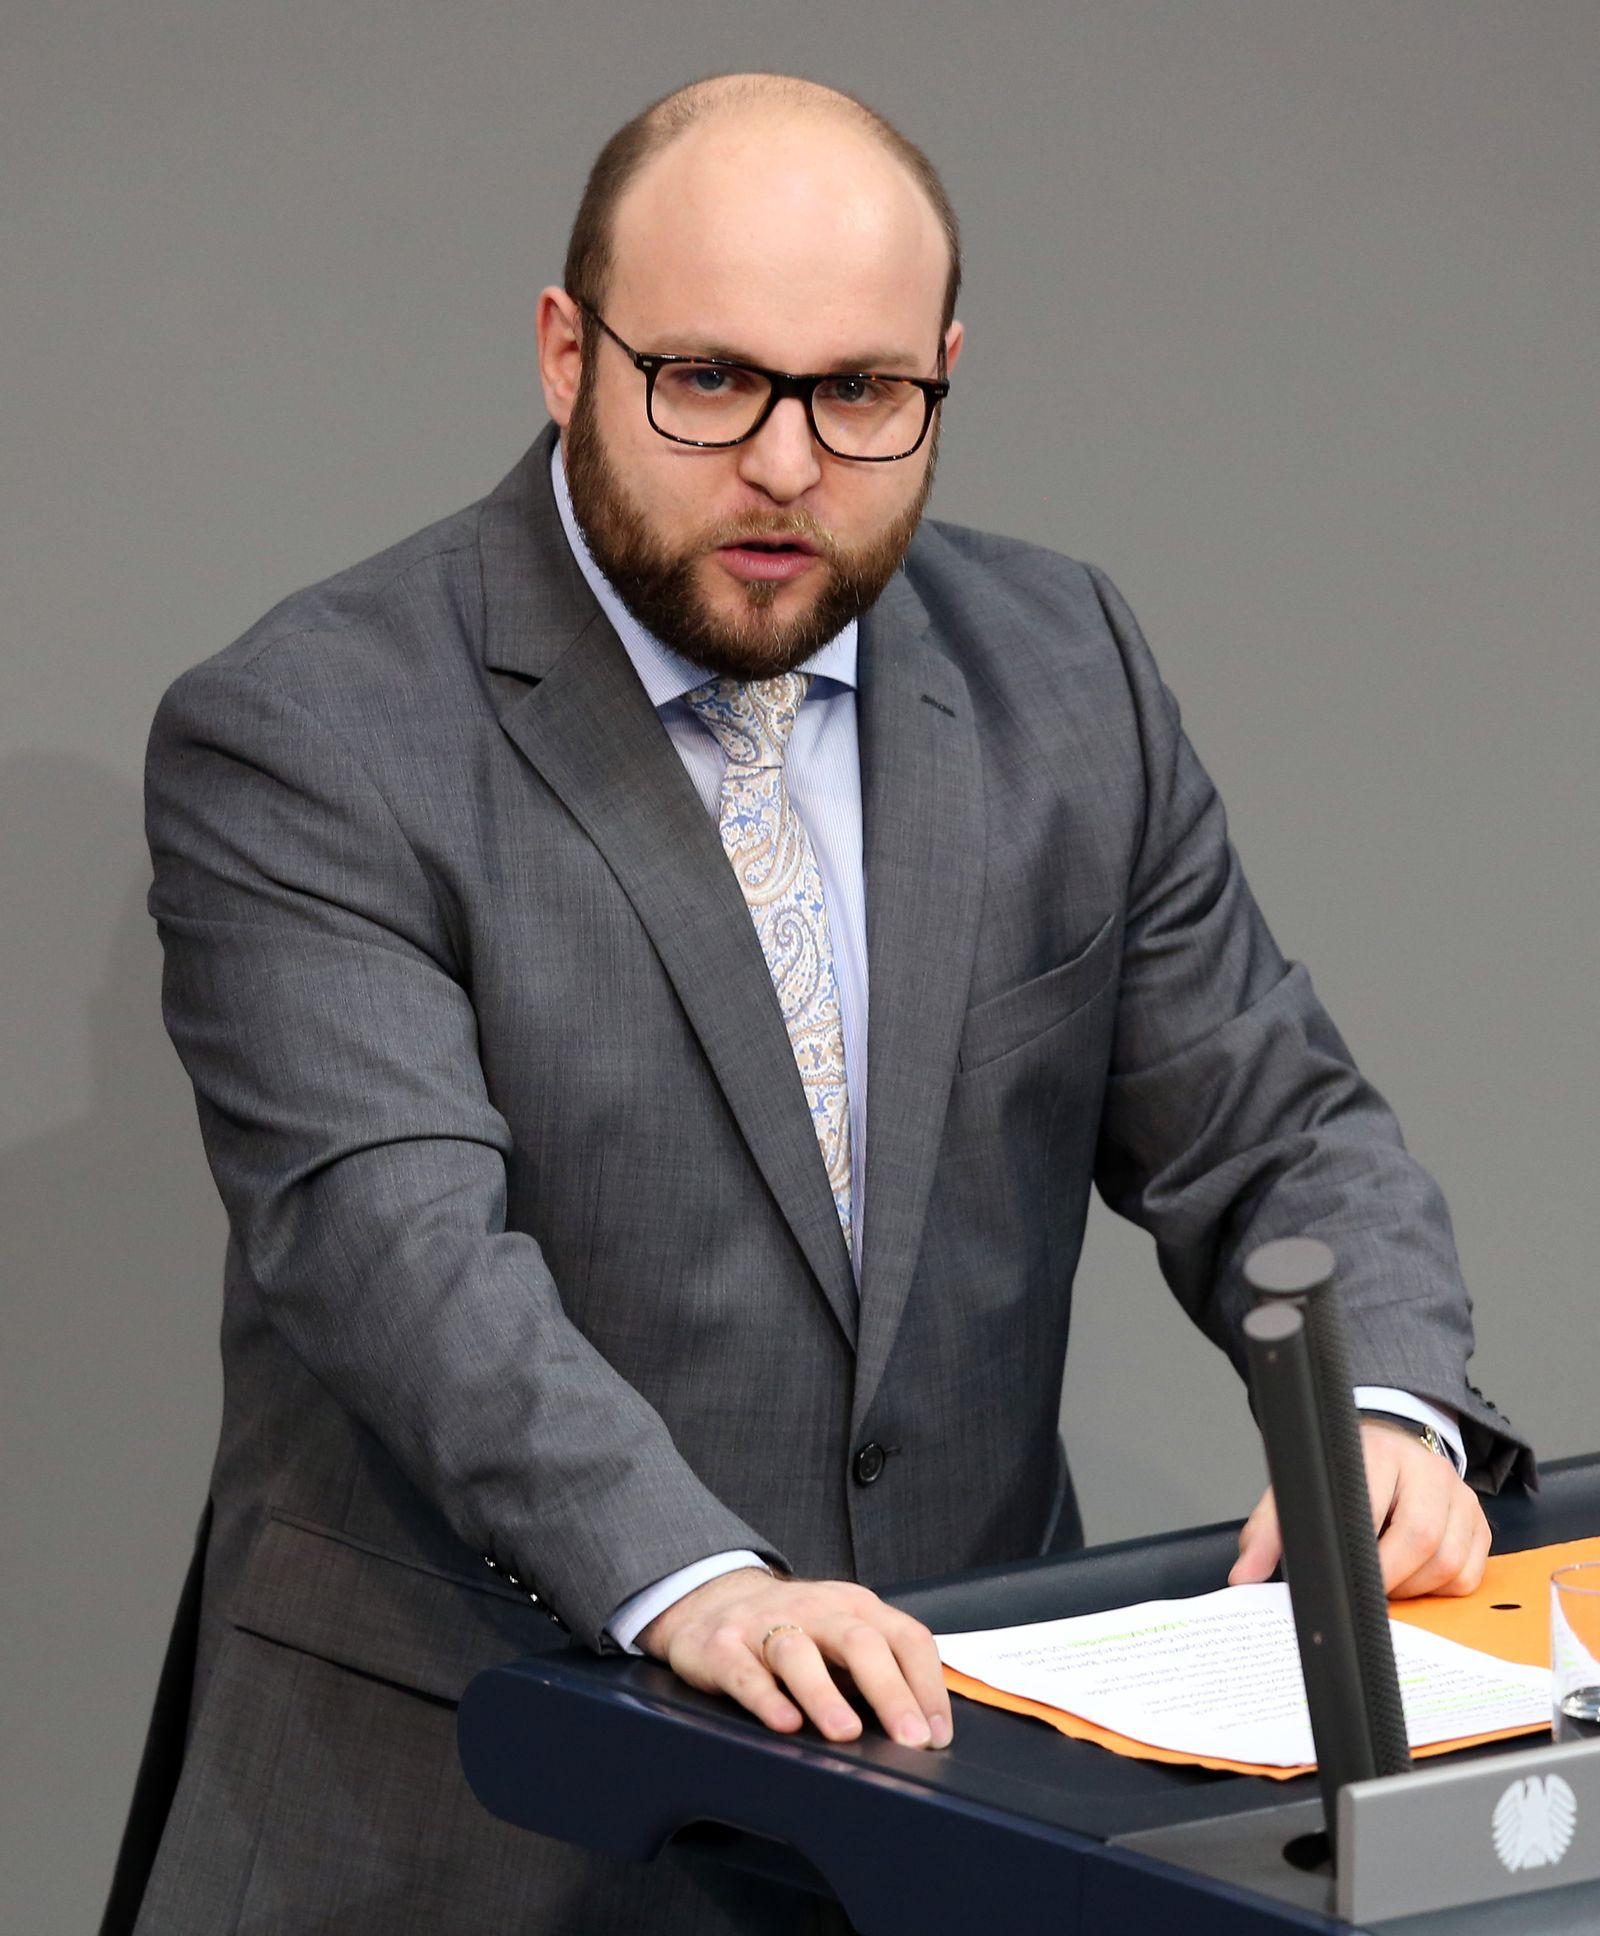 Markus Frohmaier